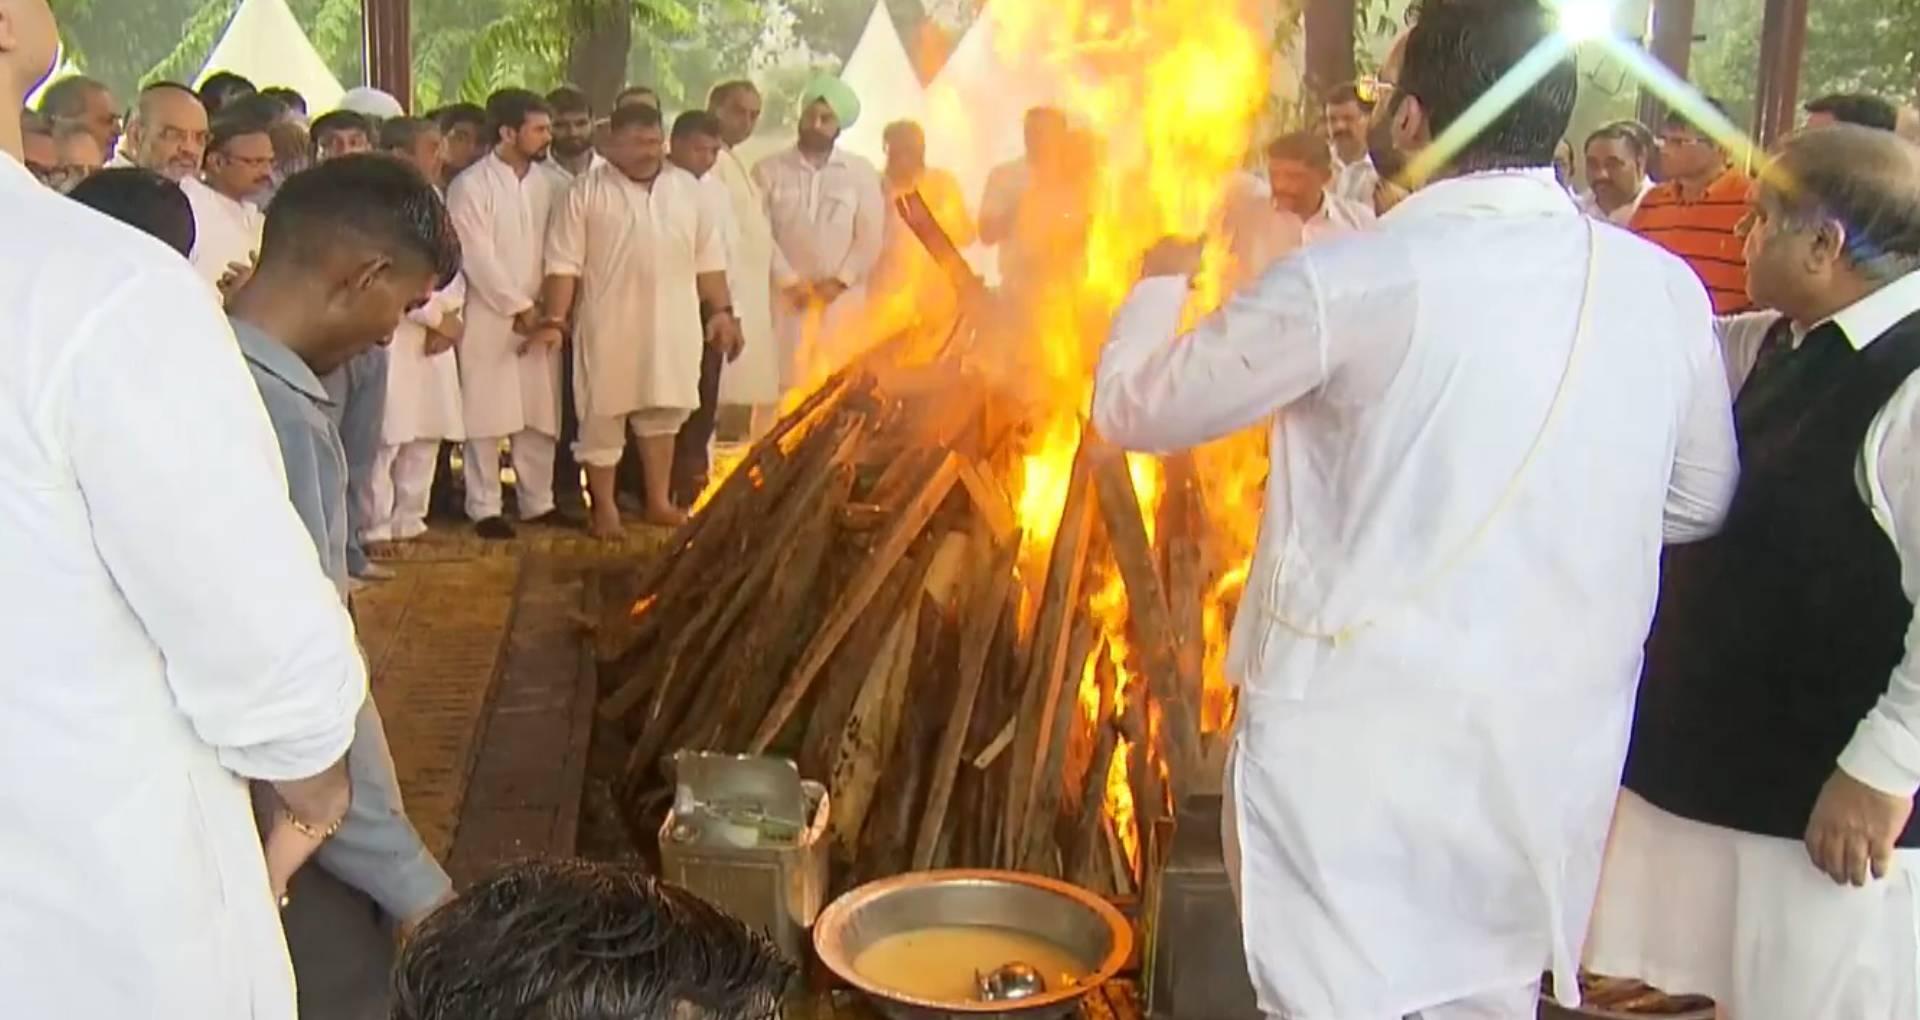 RIP Arun Jaitley: राजकीय सम्मान के साथ हुआ अरुण जेटली का अंतिम संस्कार, बेटे रोहन ने दी मुखाग्नि